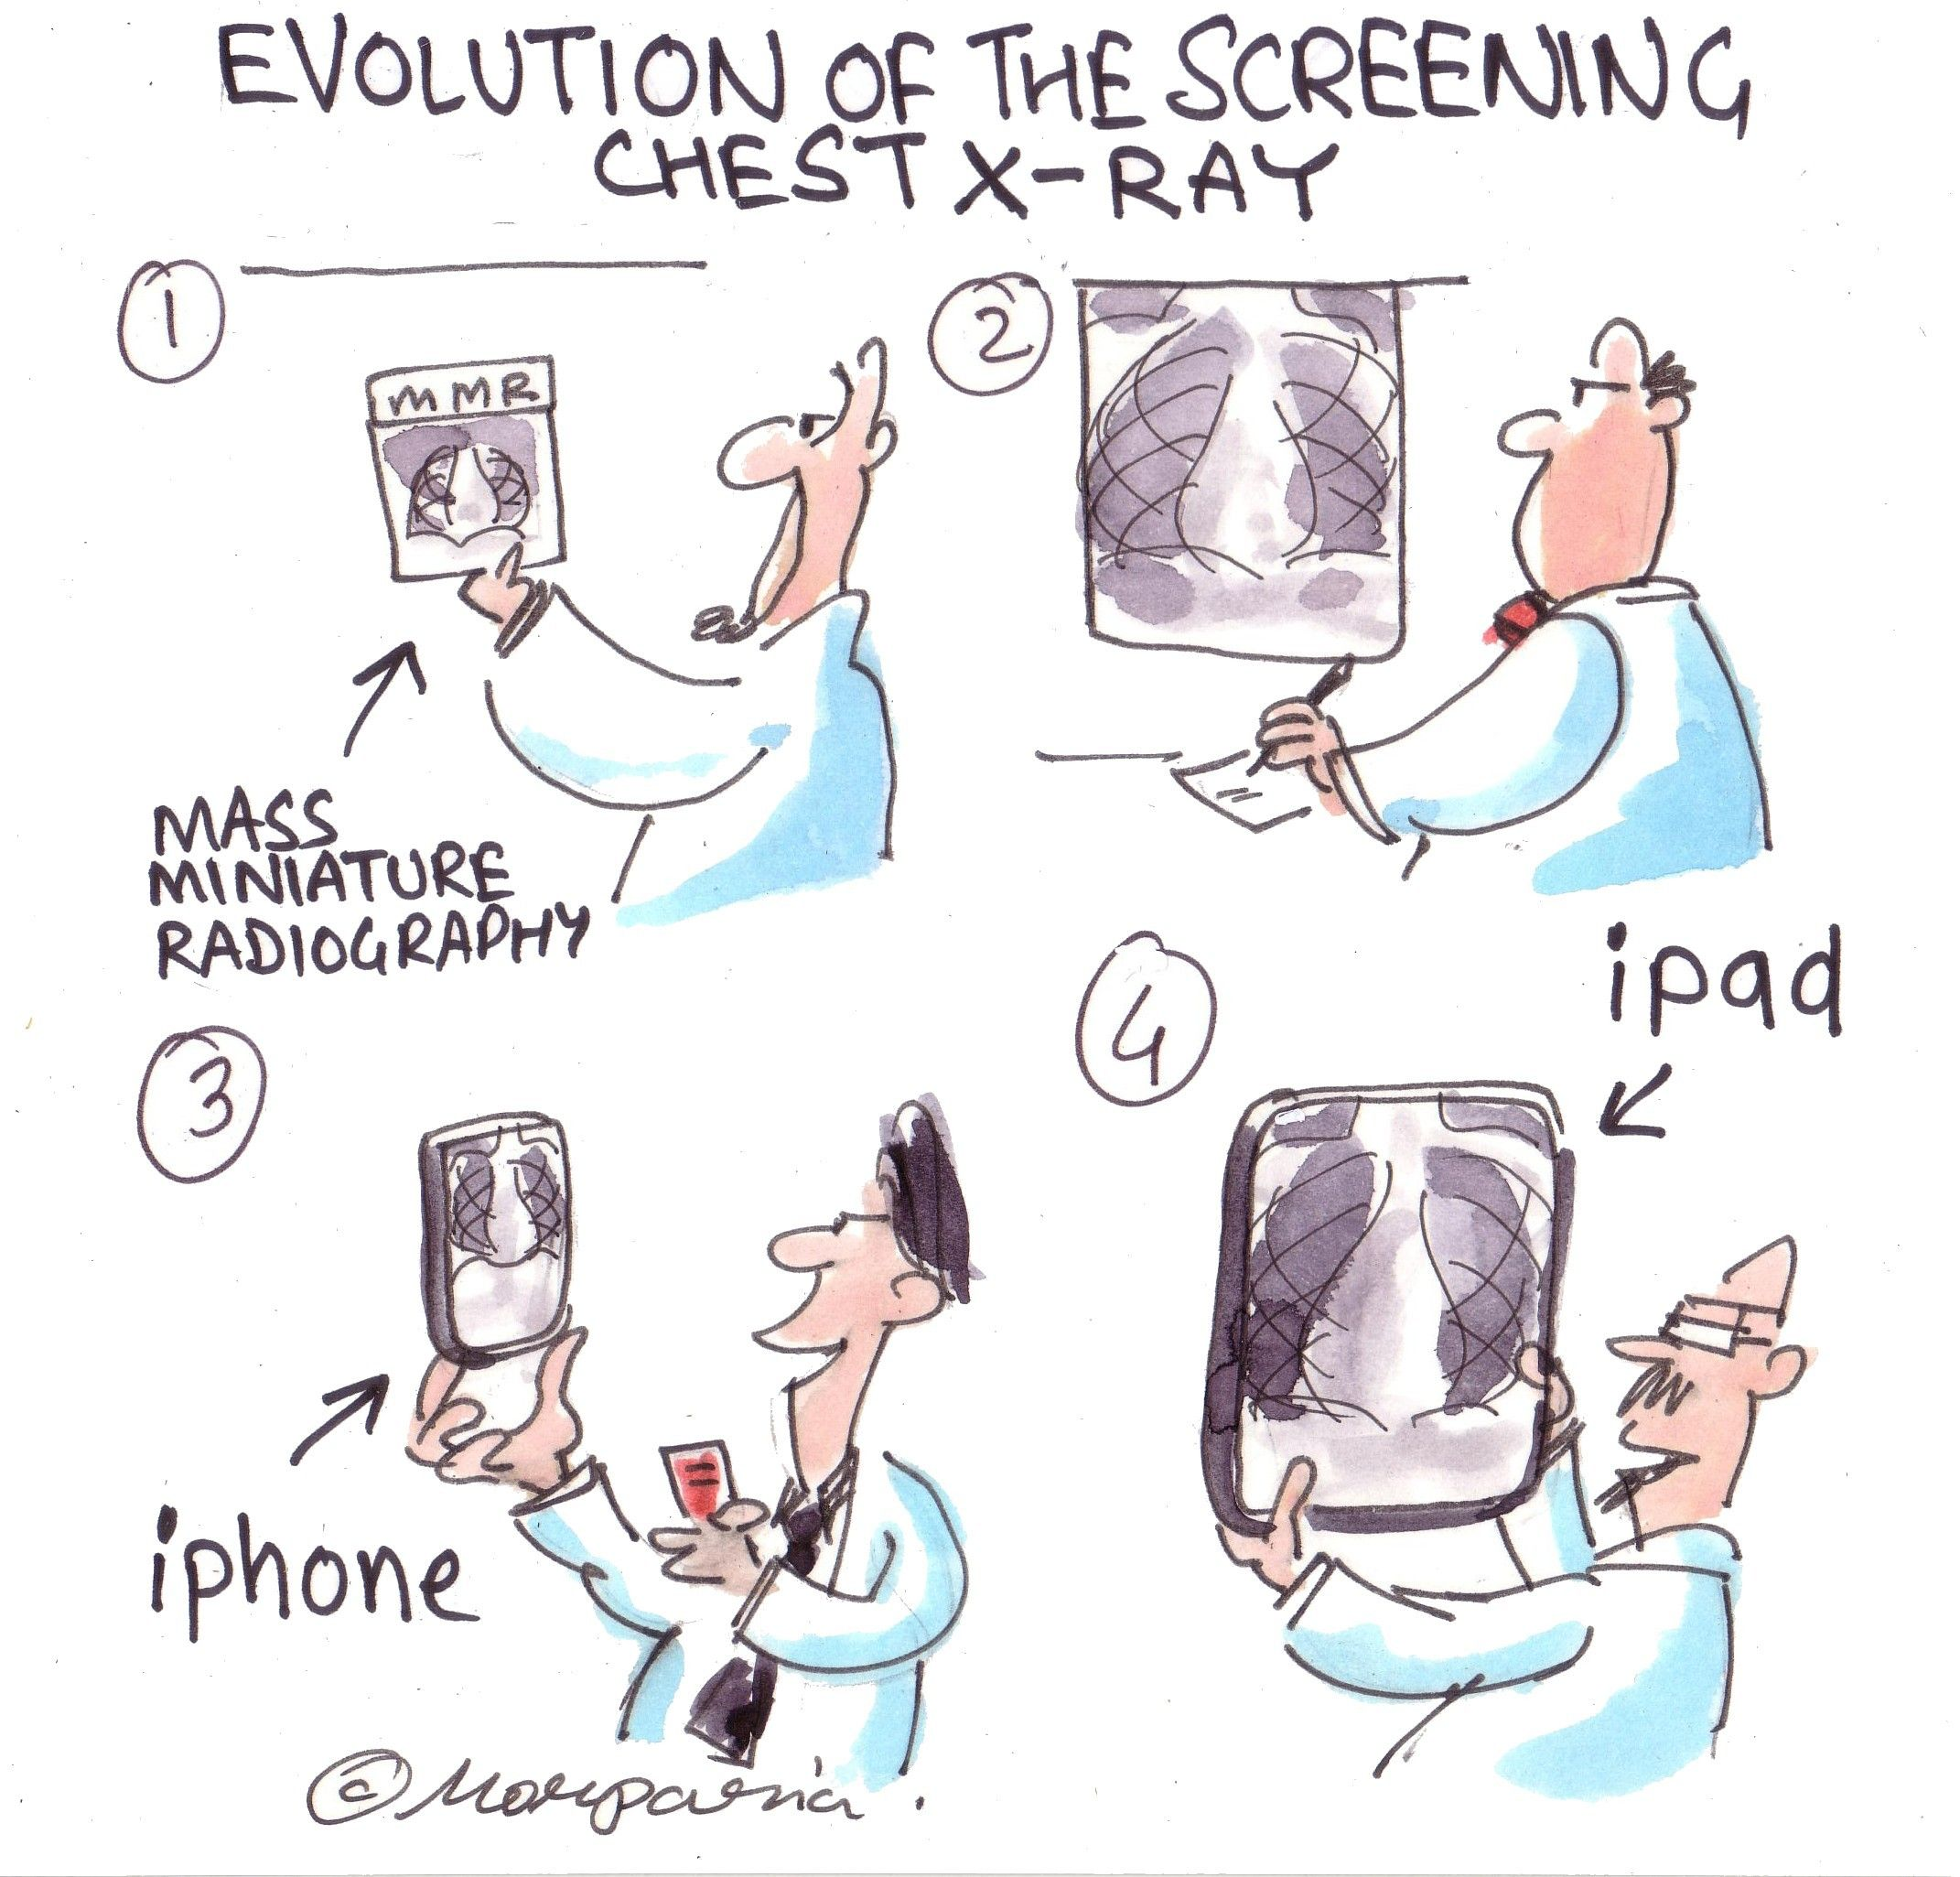 Radiography Humor